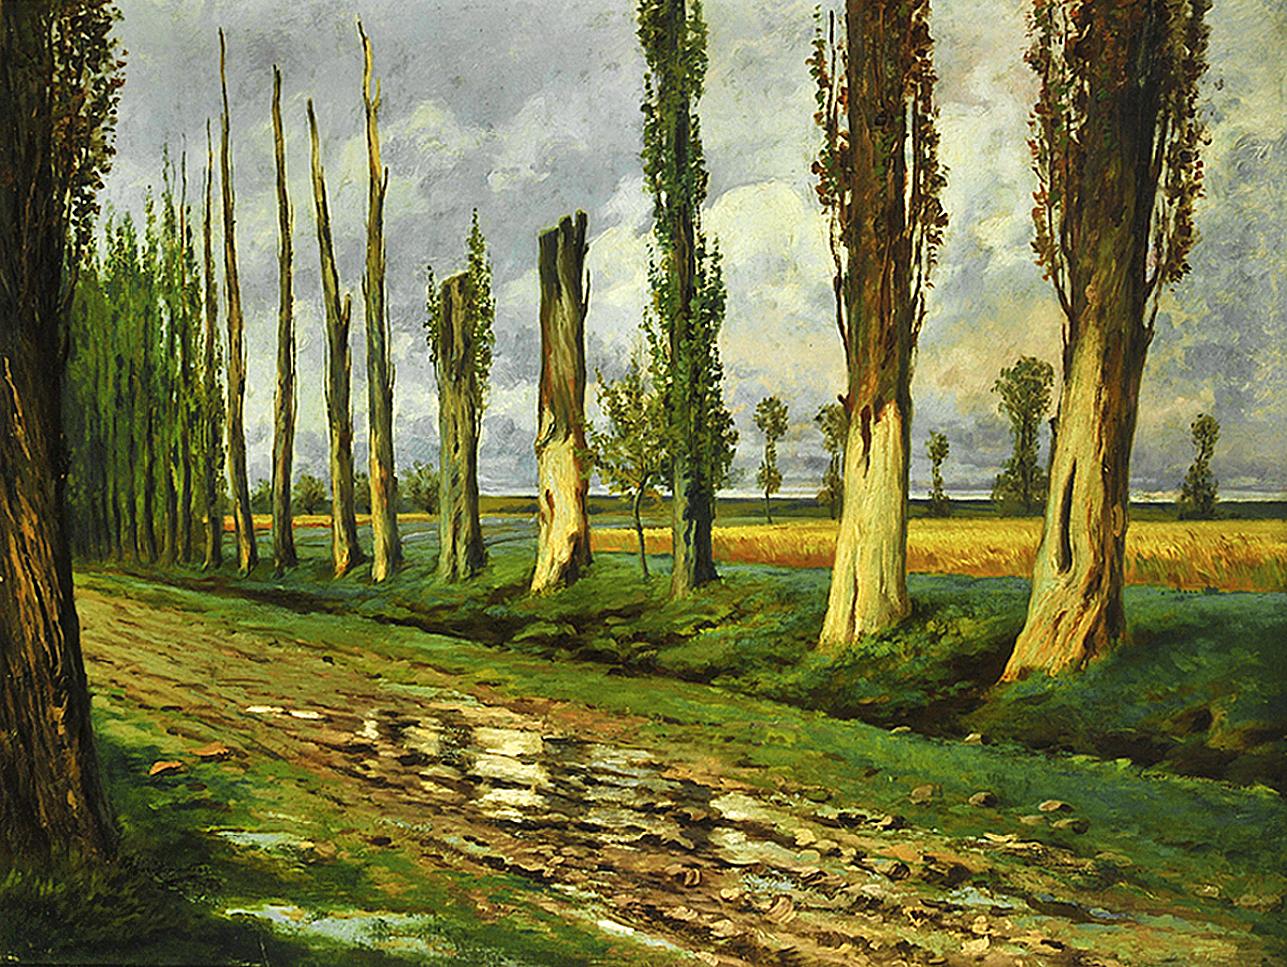 Марцелій Гарасимович. Тополі, 1903; олія на плотні, 86х112 см; MKUL